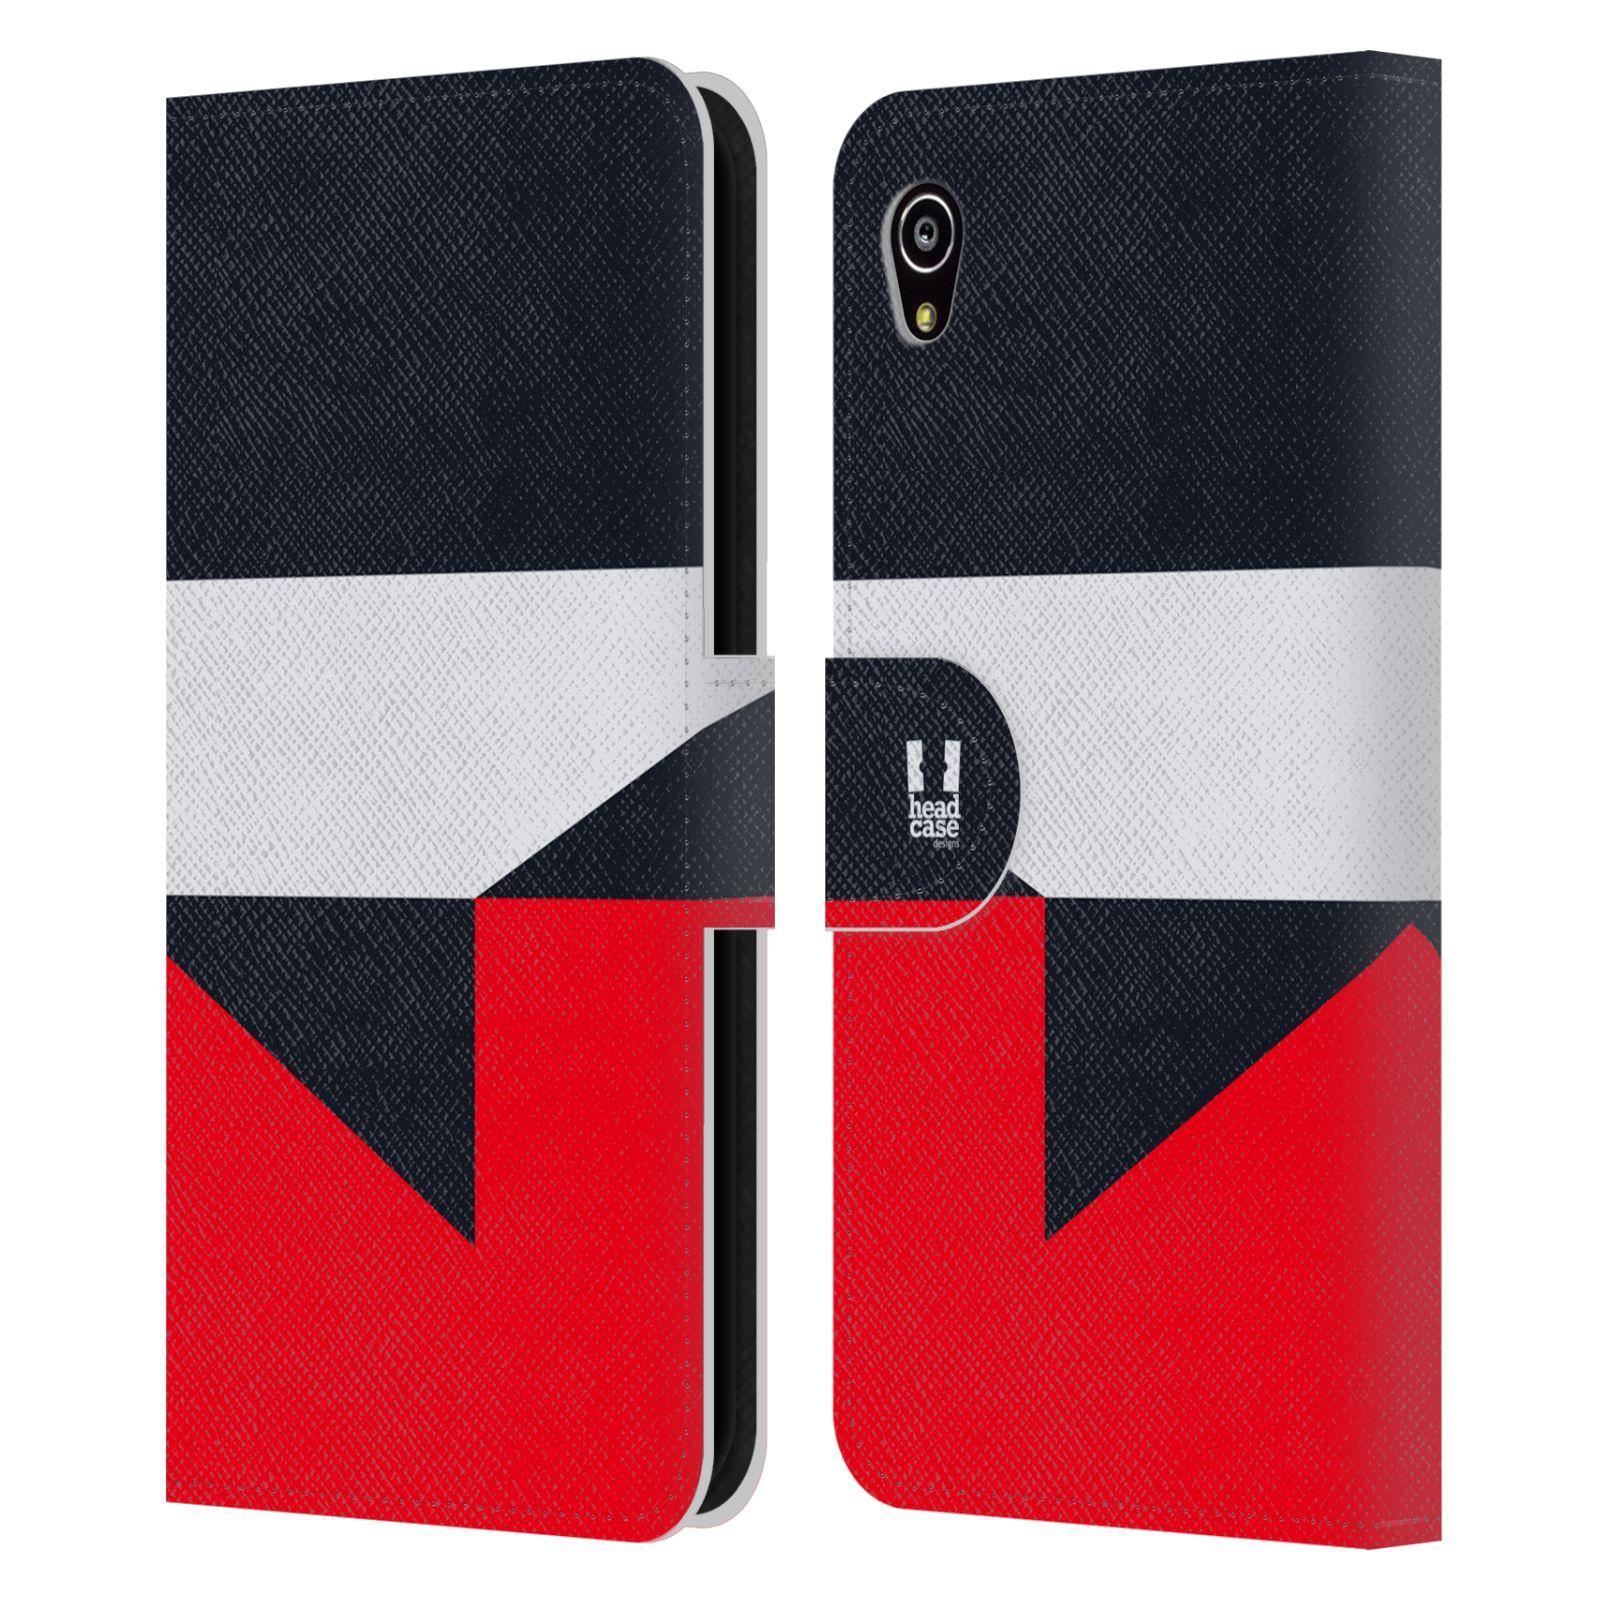 HEAD CASE Flipové pouzdro pro mobil SONY Xperia M4 Aqua barevné tvary černá a červená gejša